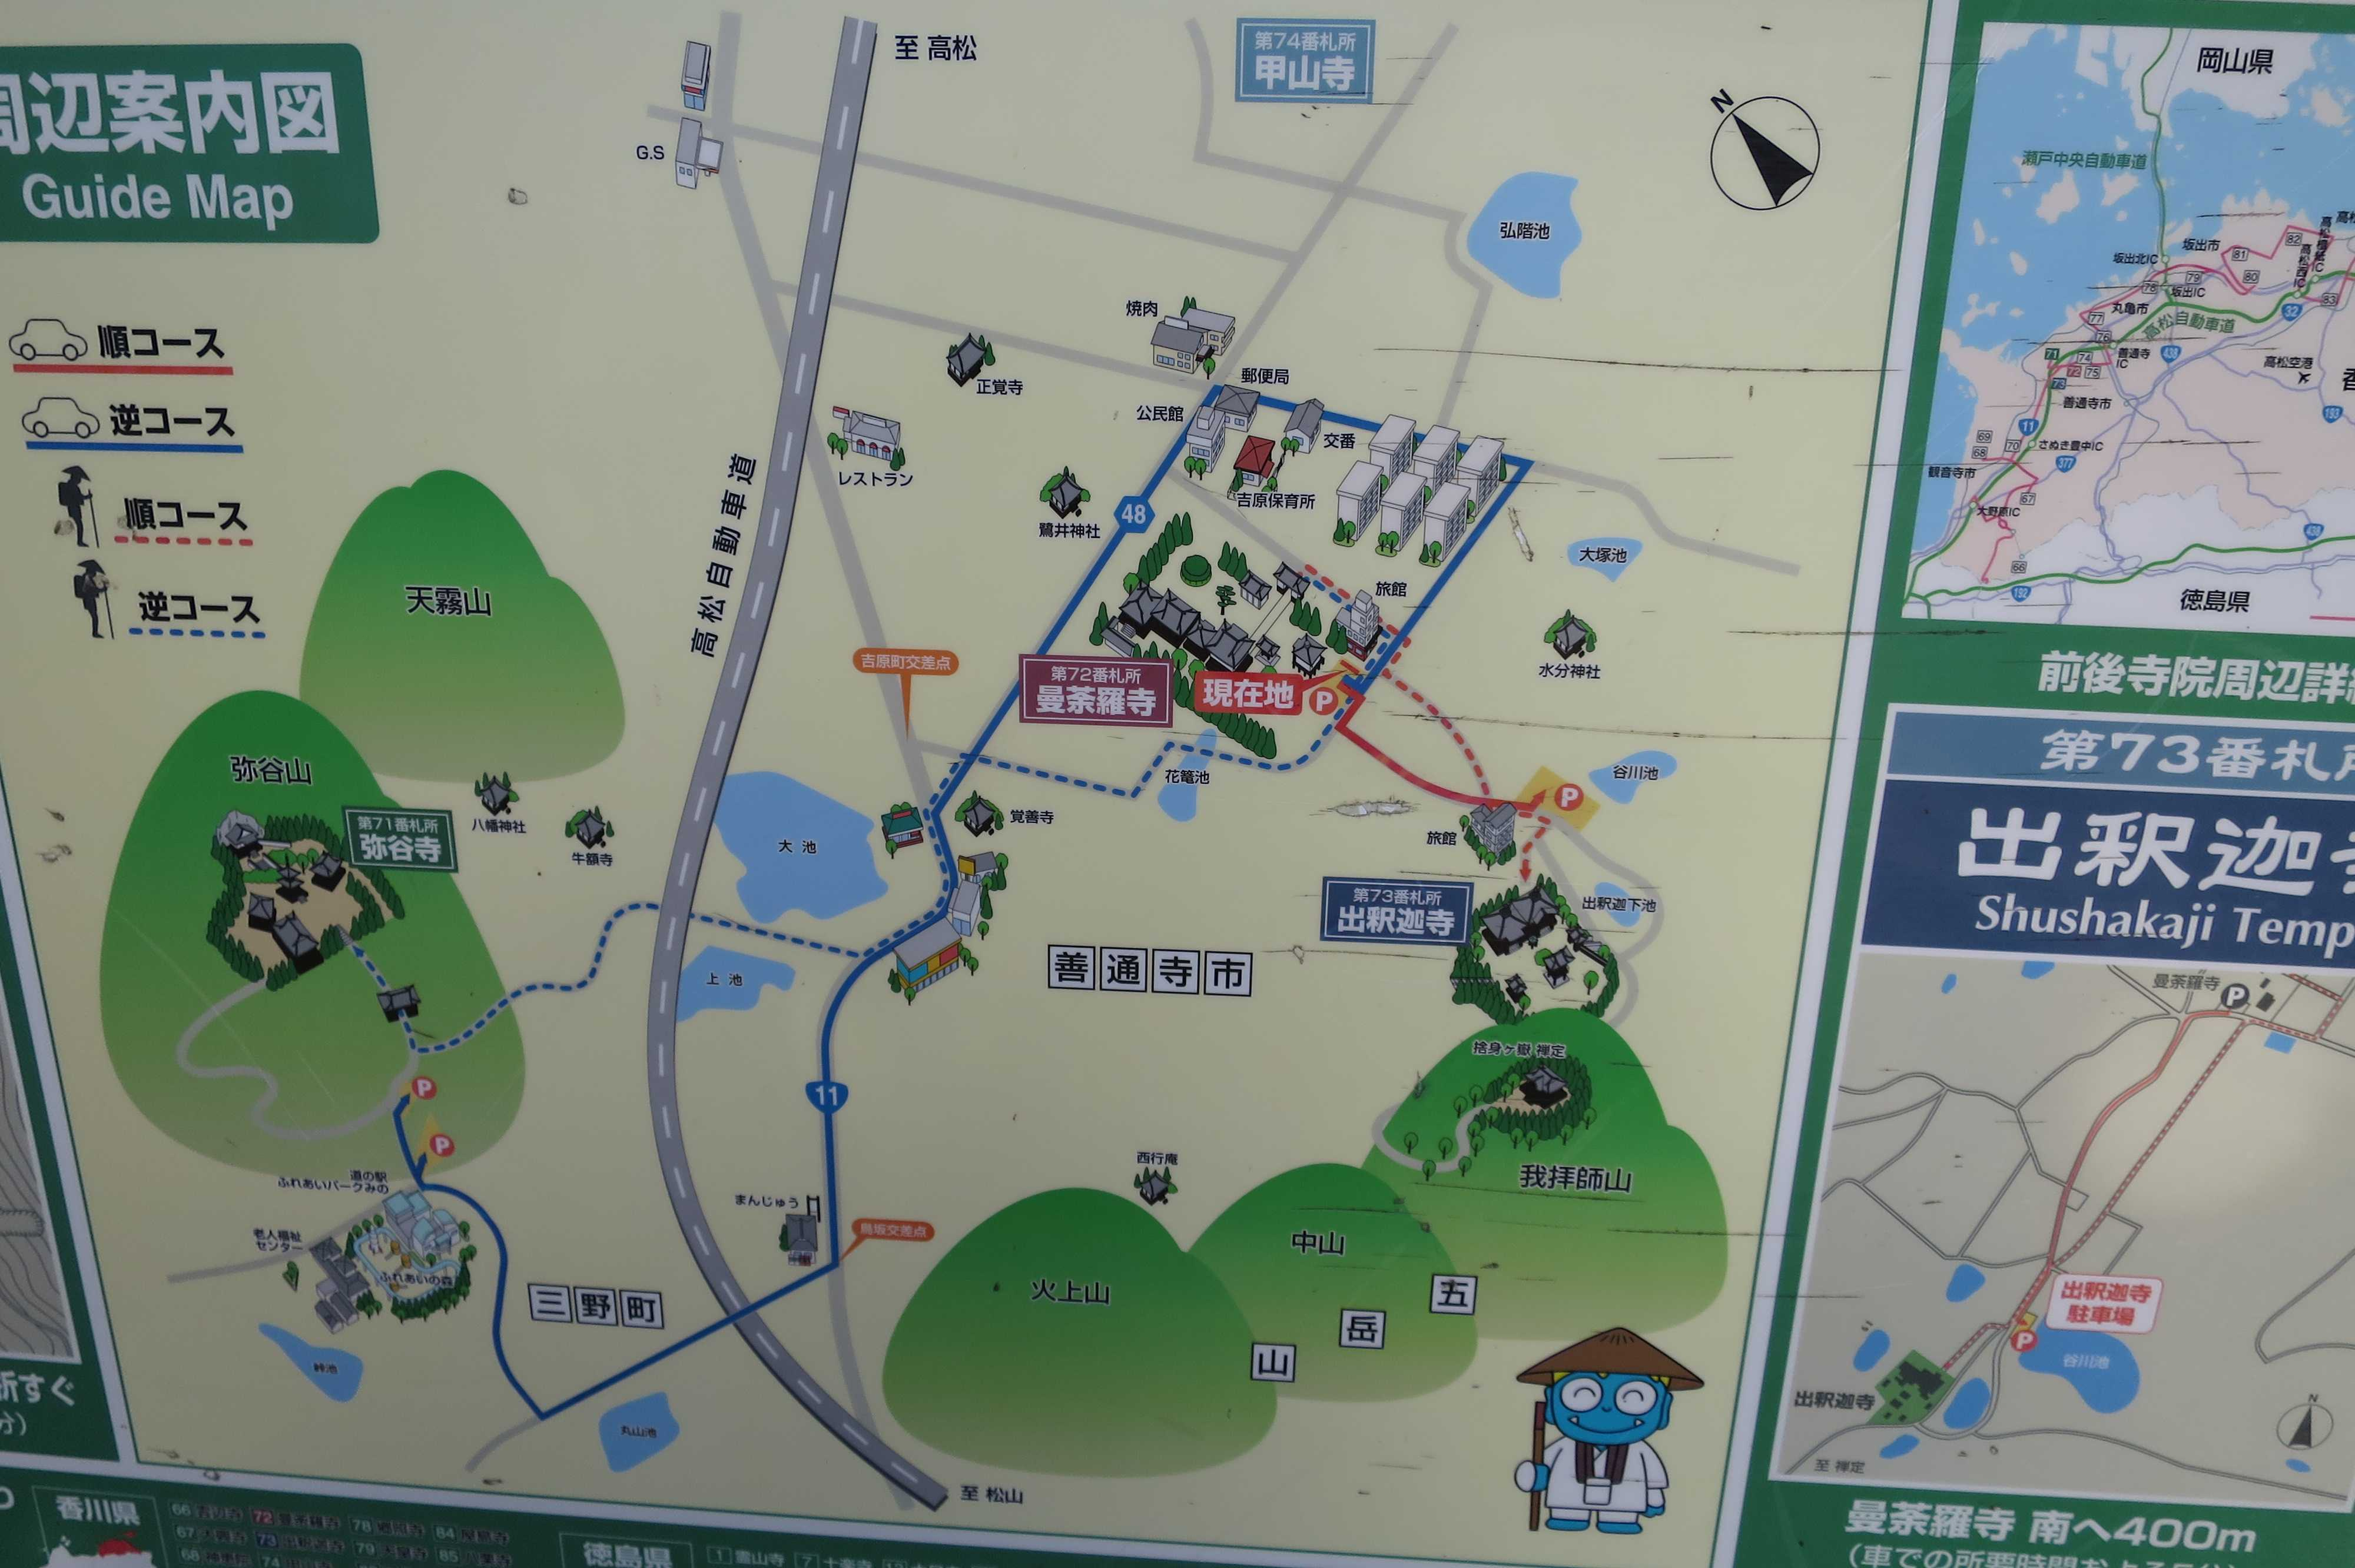 曼荼羅寺の周辺地図